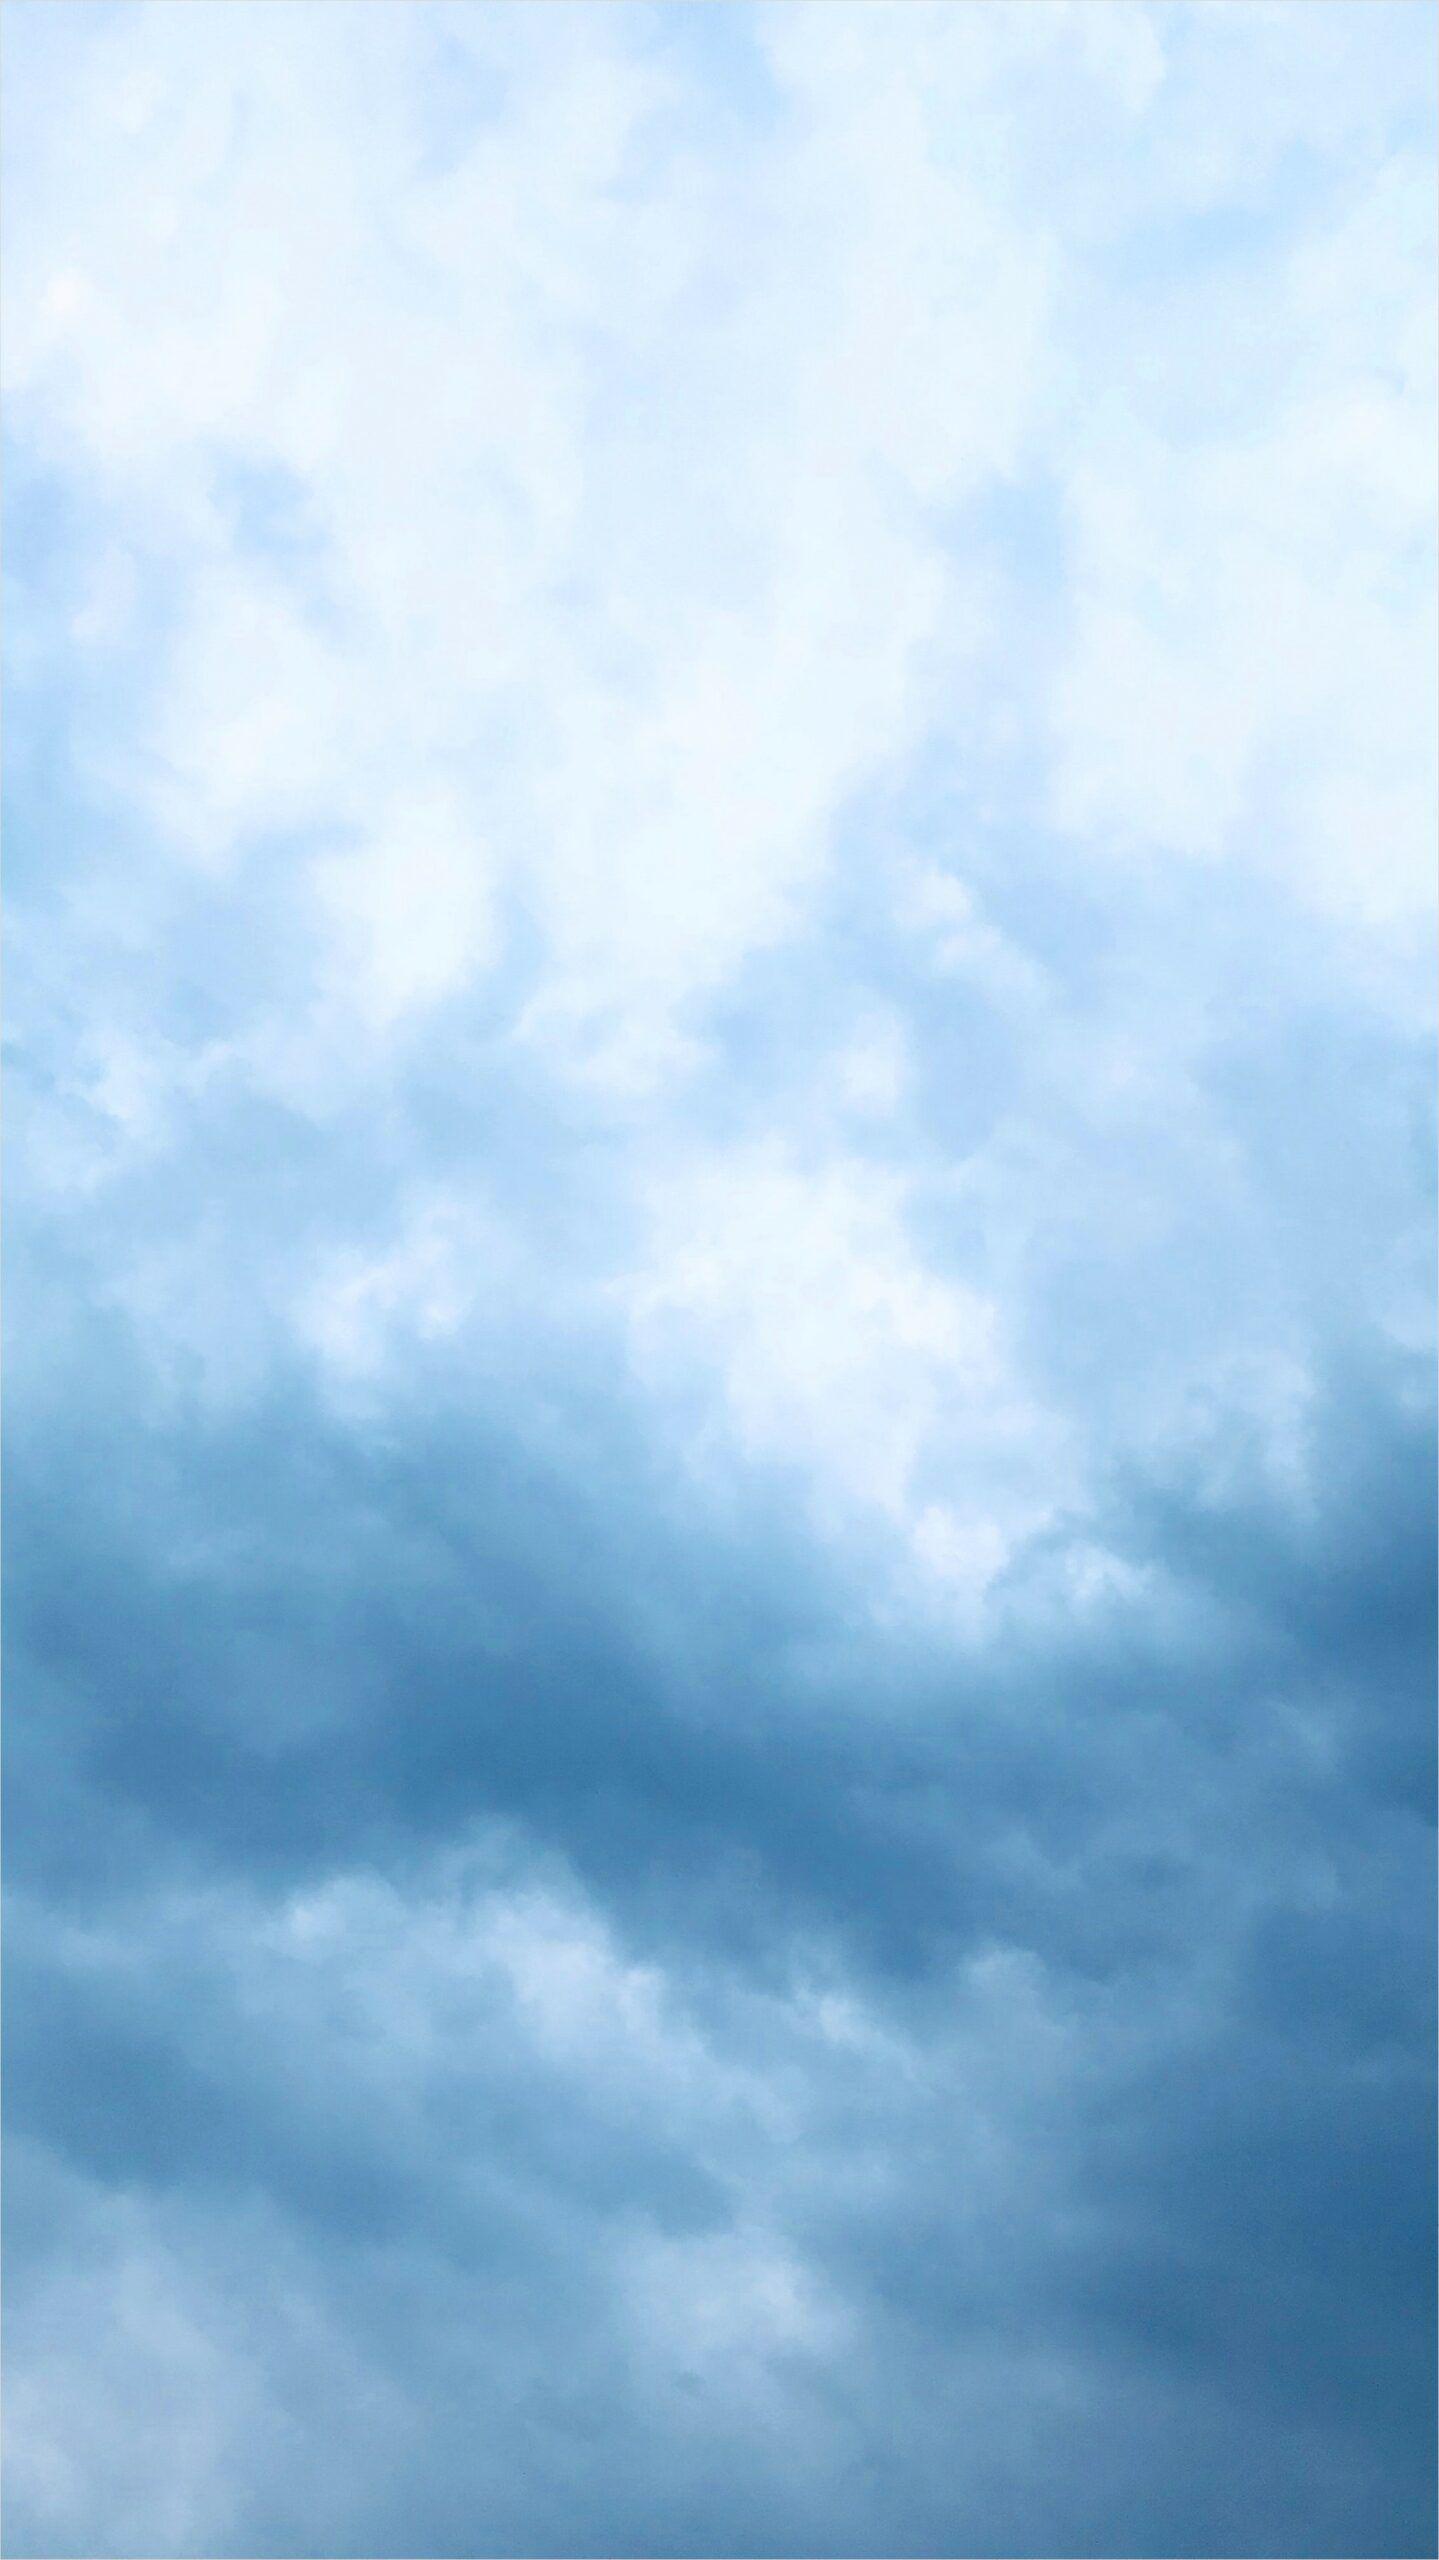 4k Blue Sky Wallpaper In 2020 Blue Sky Wallpaper Wallpaper Clear Sky